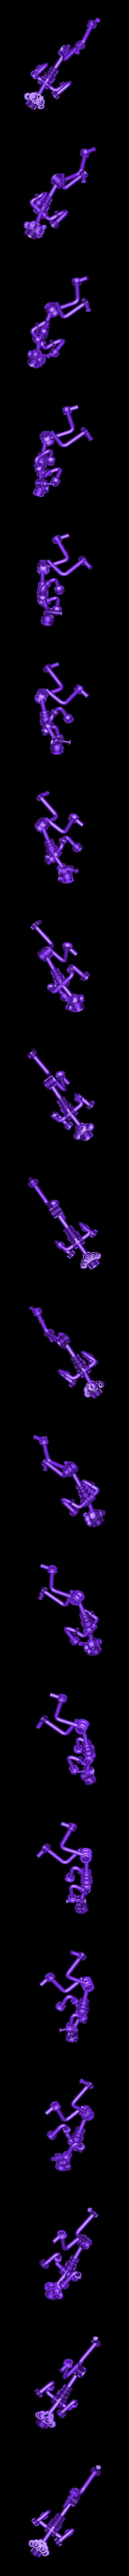 Gewichtheber.stl Download free STL file Bodybuilder • 3D printer model, Wailroth3D